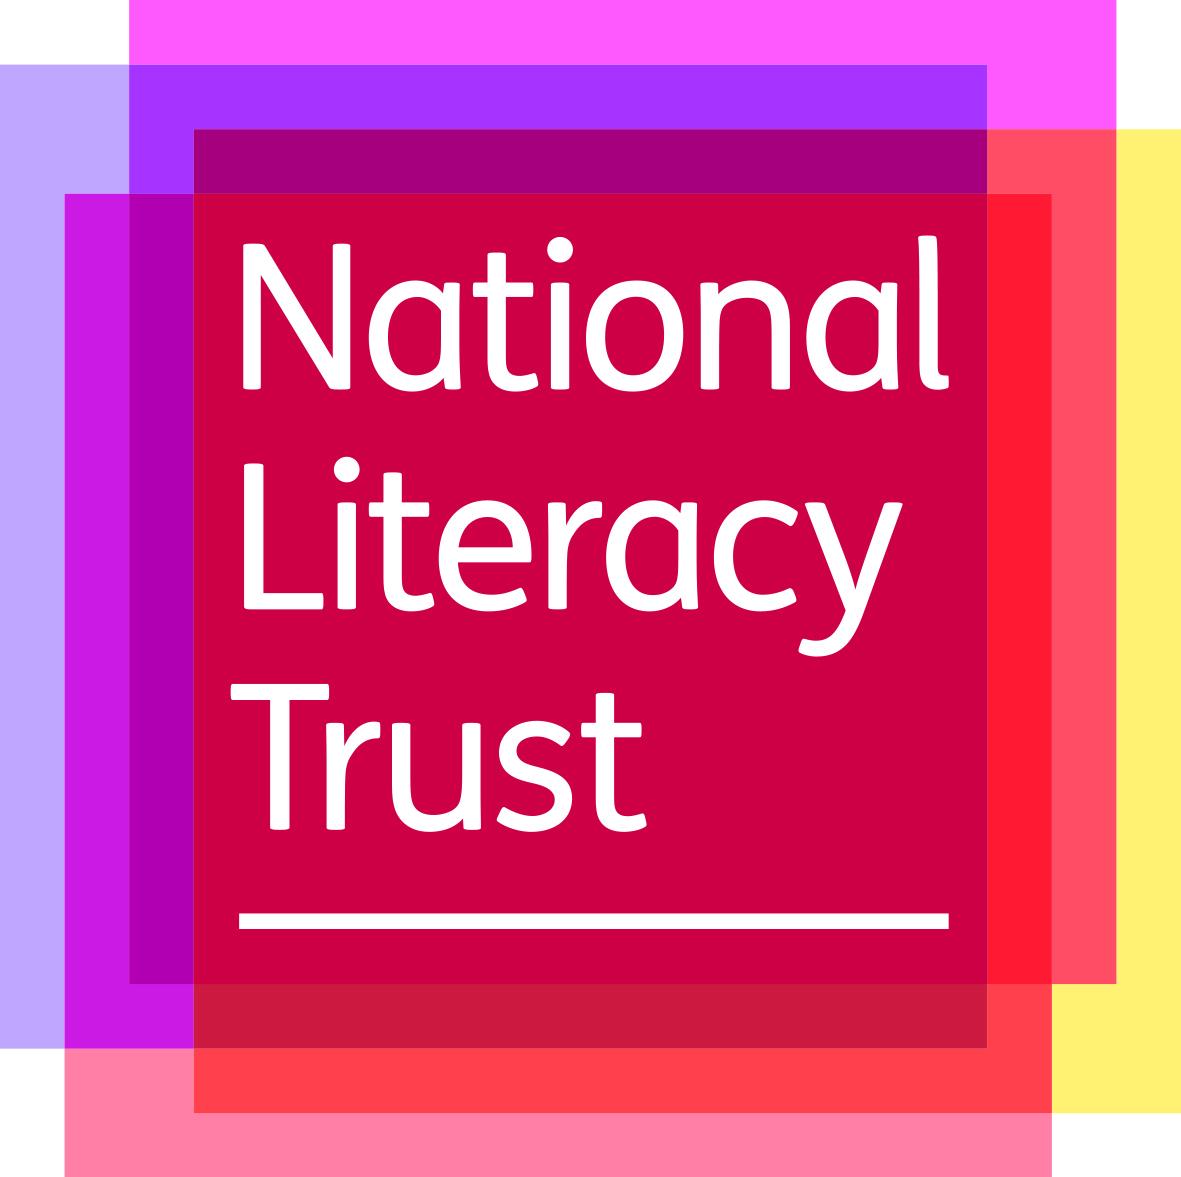 NLT logo jpeg 300dpi.jpg